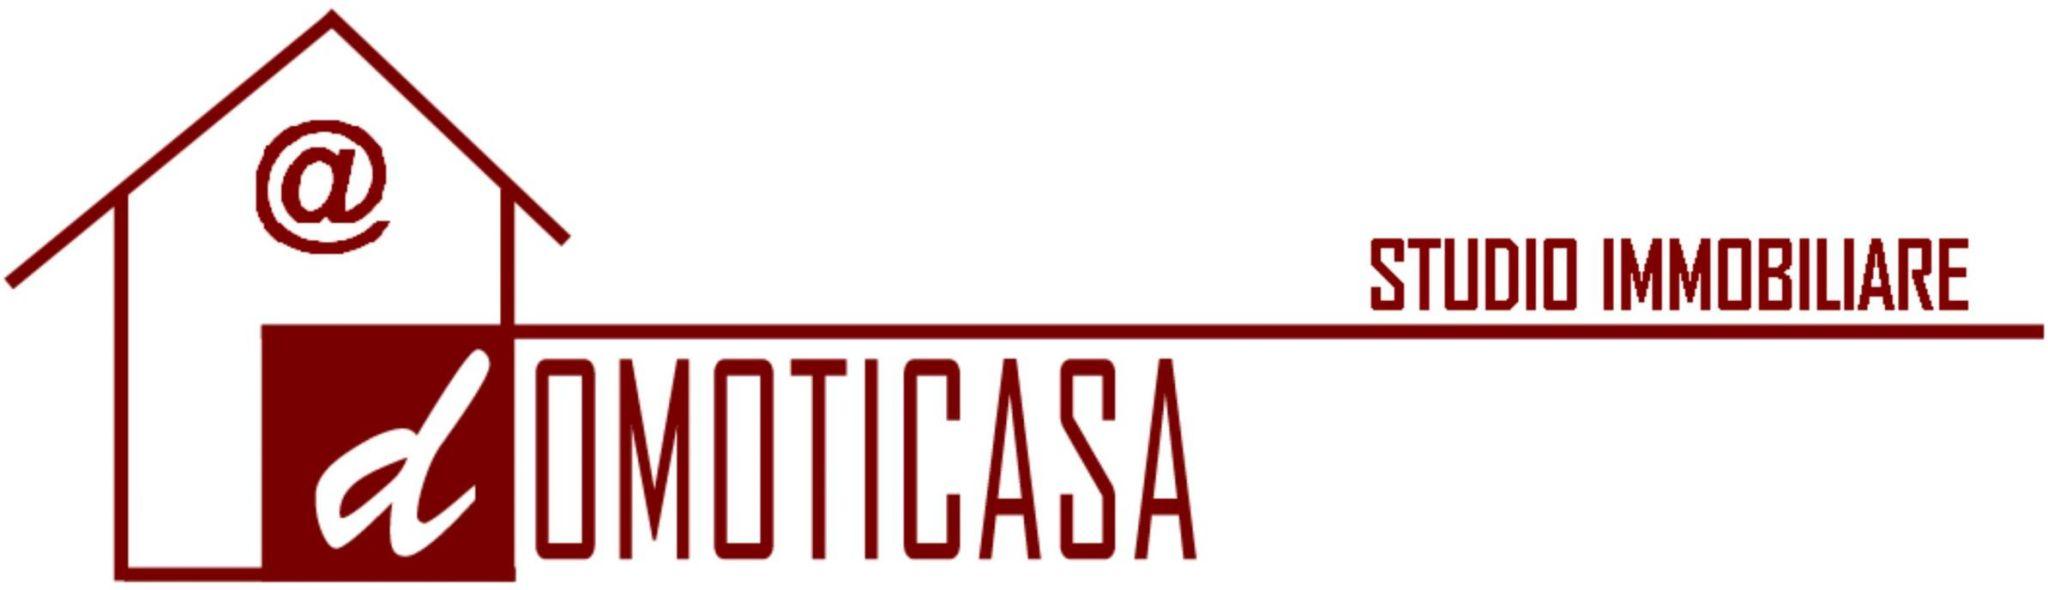 logo agenzia DOMOTICASA IMMOBILIARE